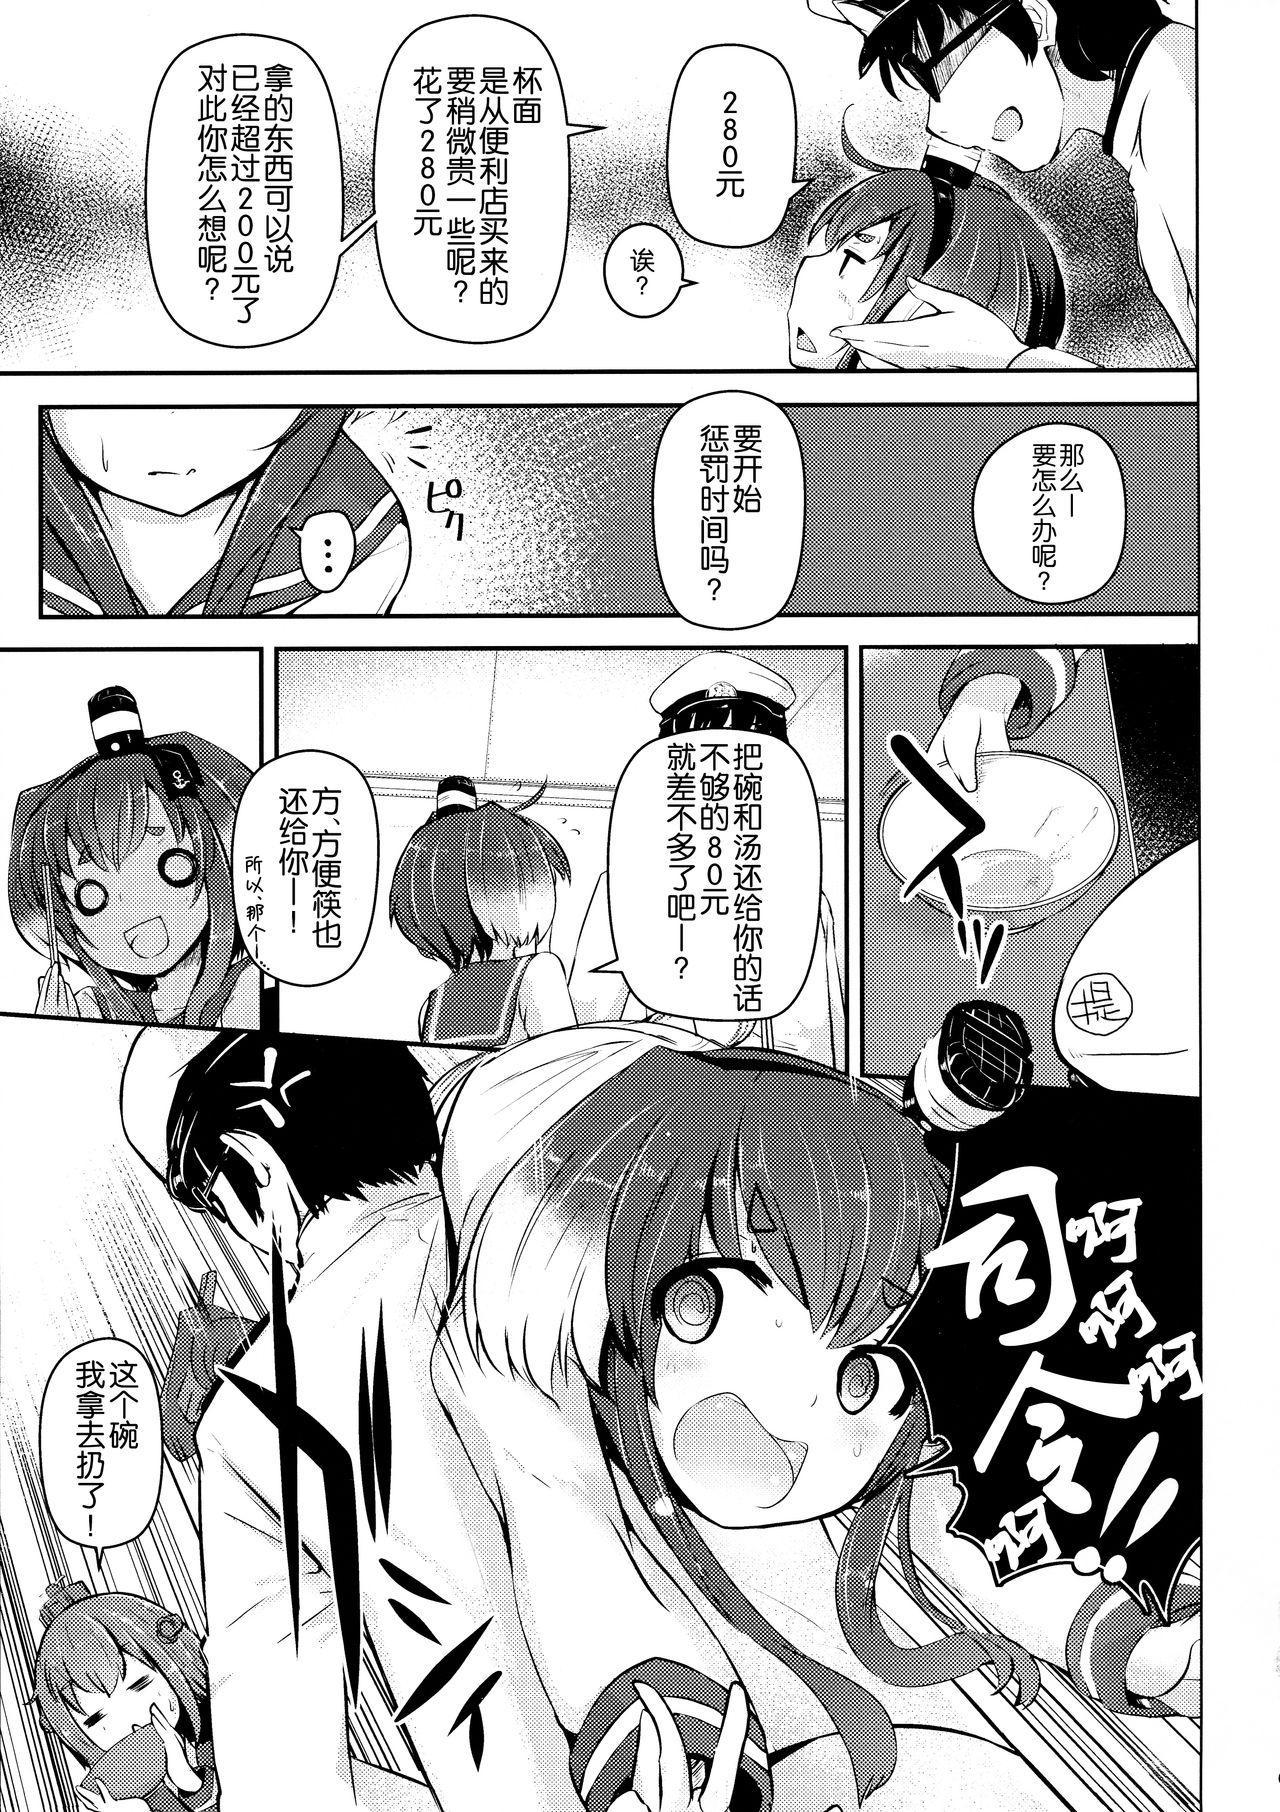 Tokitsukaze to Isshoni. San 4